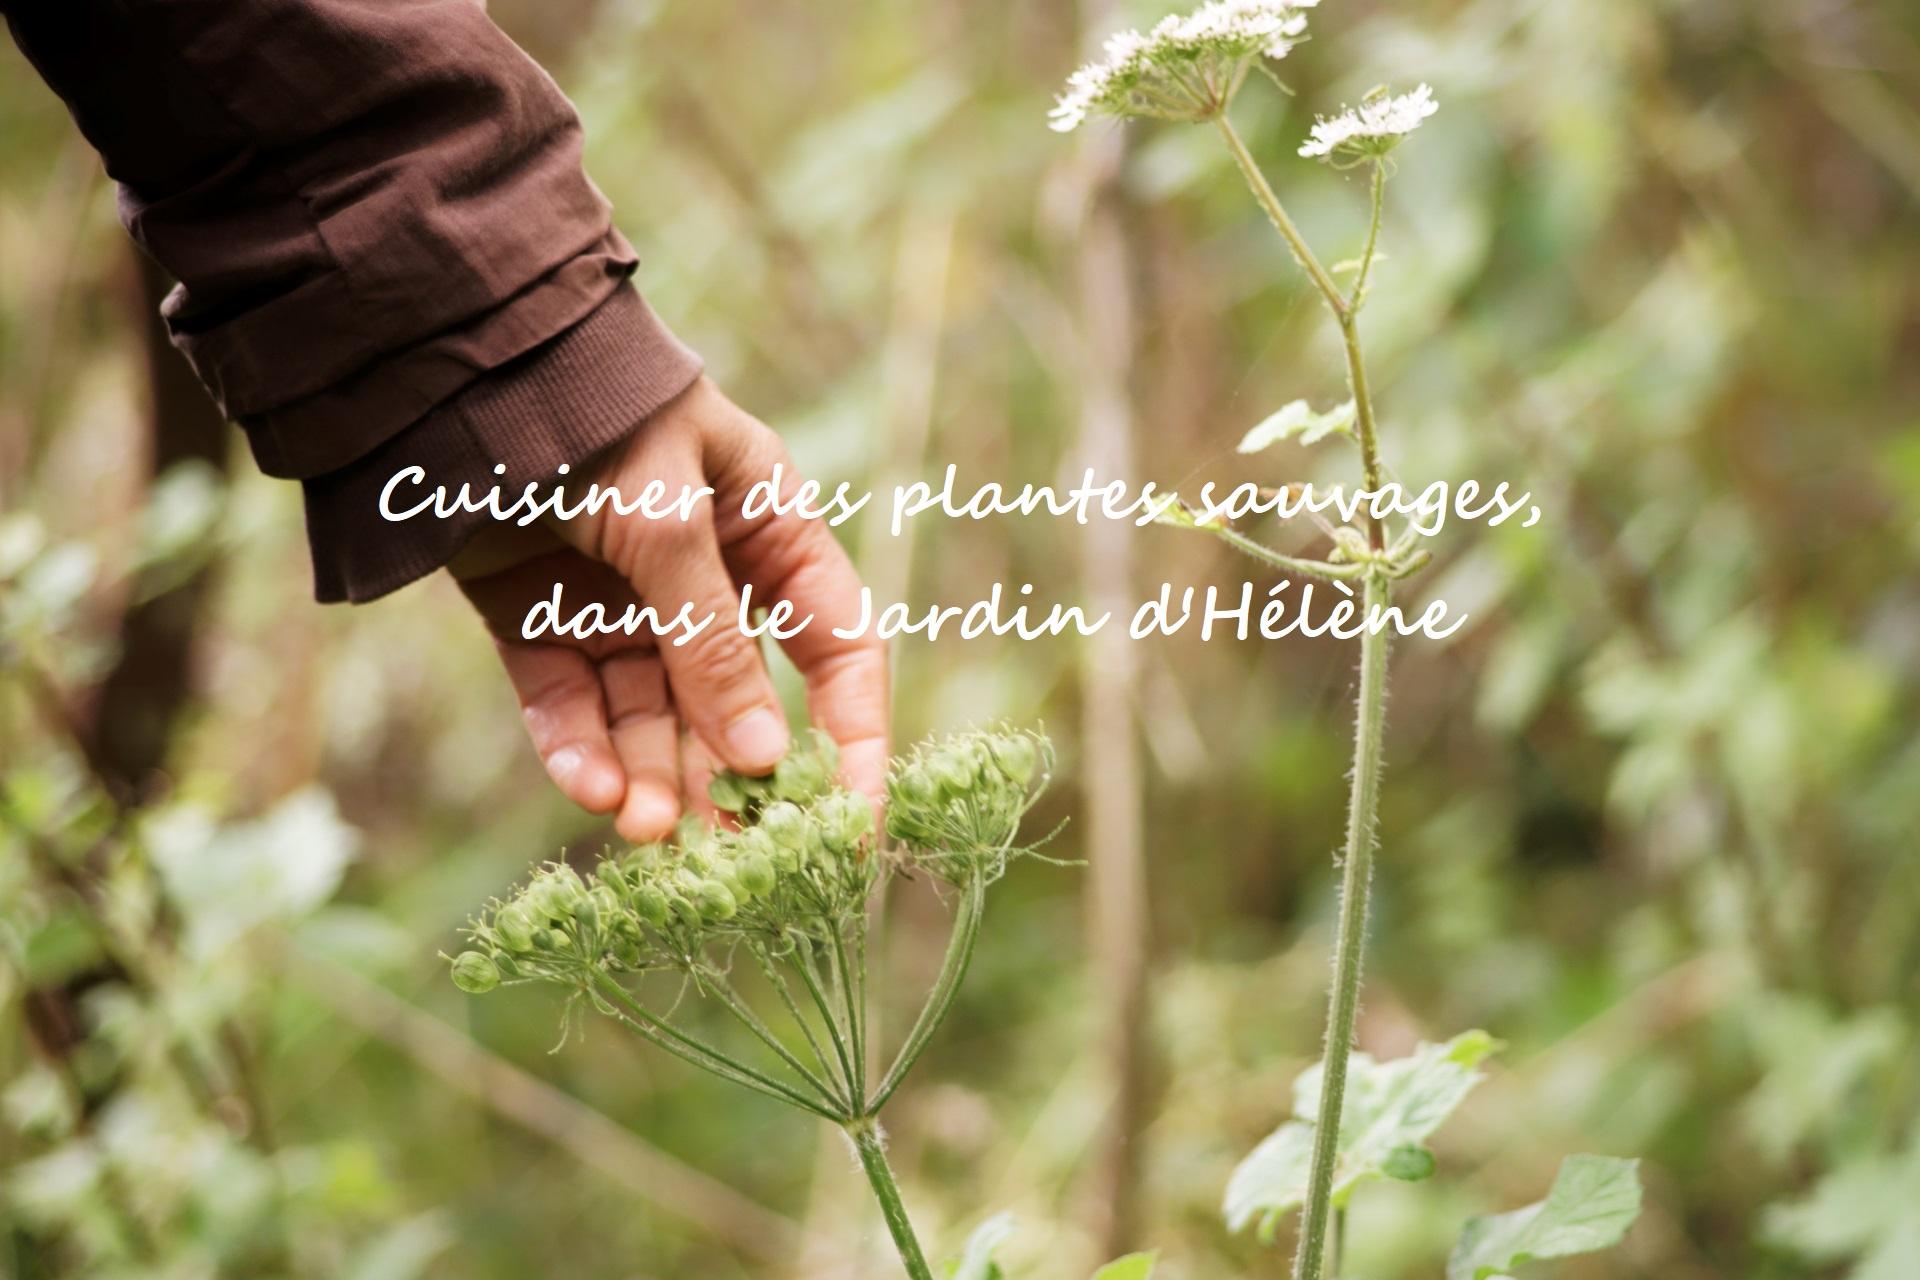 cuisiner-des-plantes-sauvages-slow-tourisme-jardin-d-helen-a-proisy-thierache-aisne-slow-tourisme-02